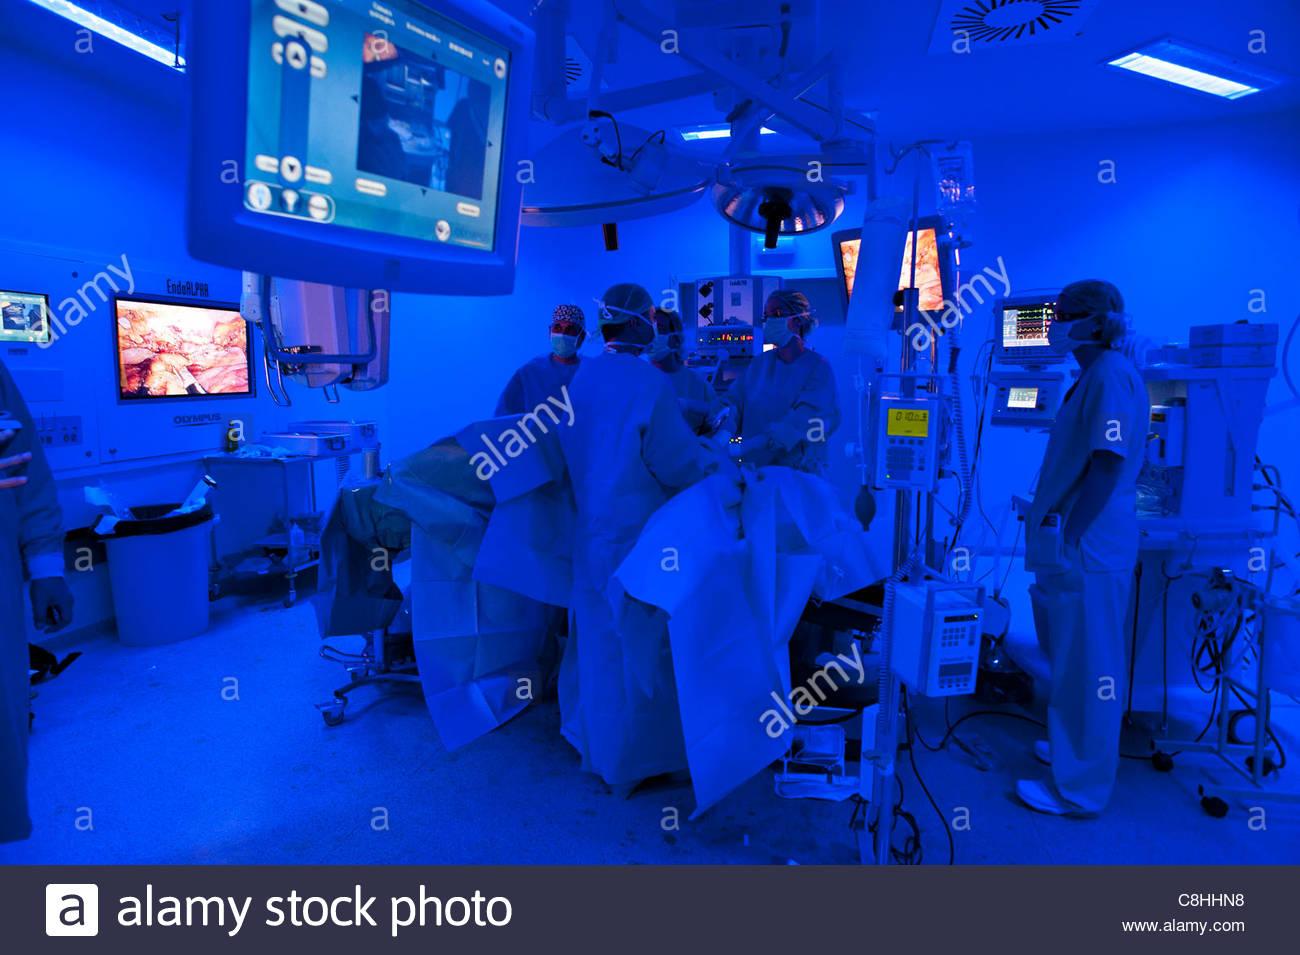 Colon laparoscopica la chirurgia del cancro in un intelligente in sala operatoria. Immagini Stock